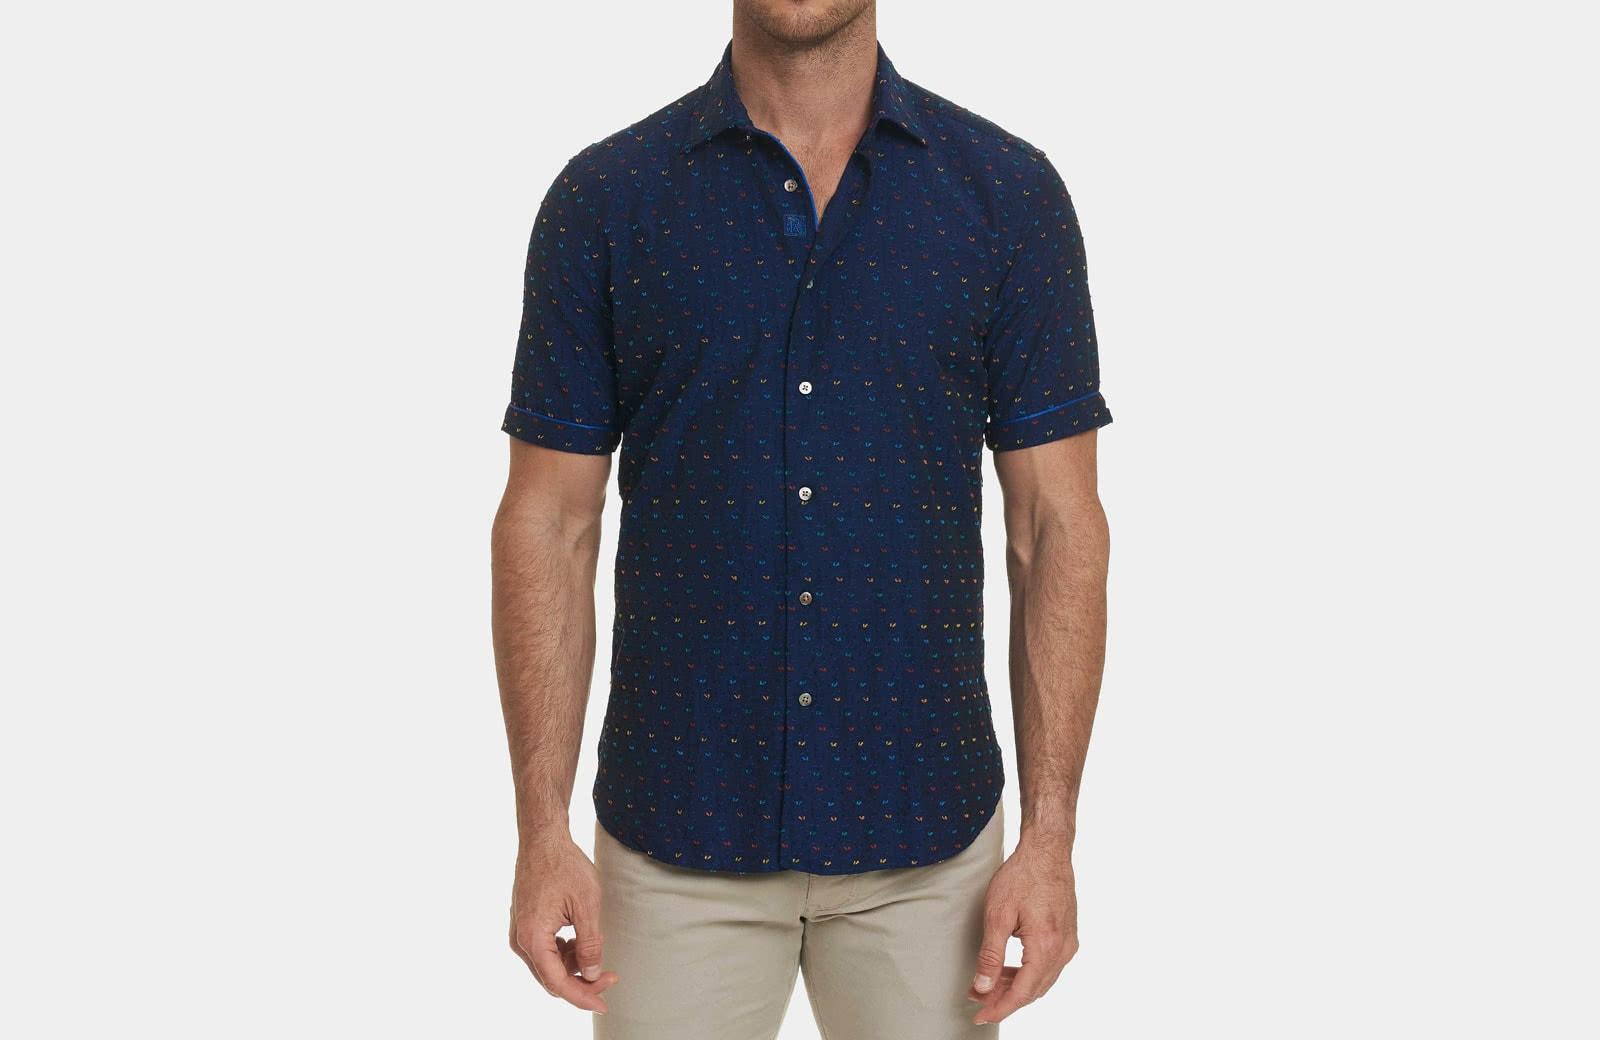 Robert Graham best men summer designer short sleeve shirt navy blue - Luxe Digital